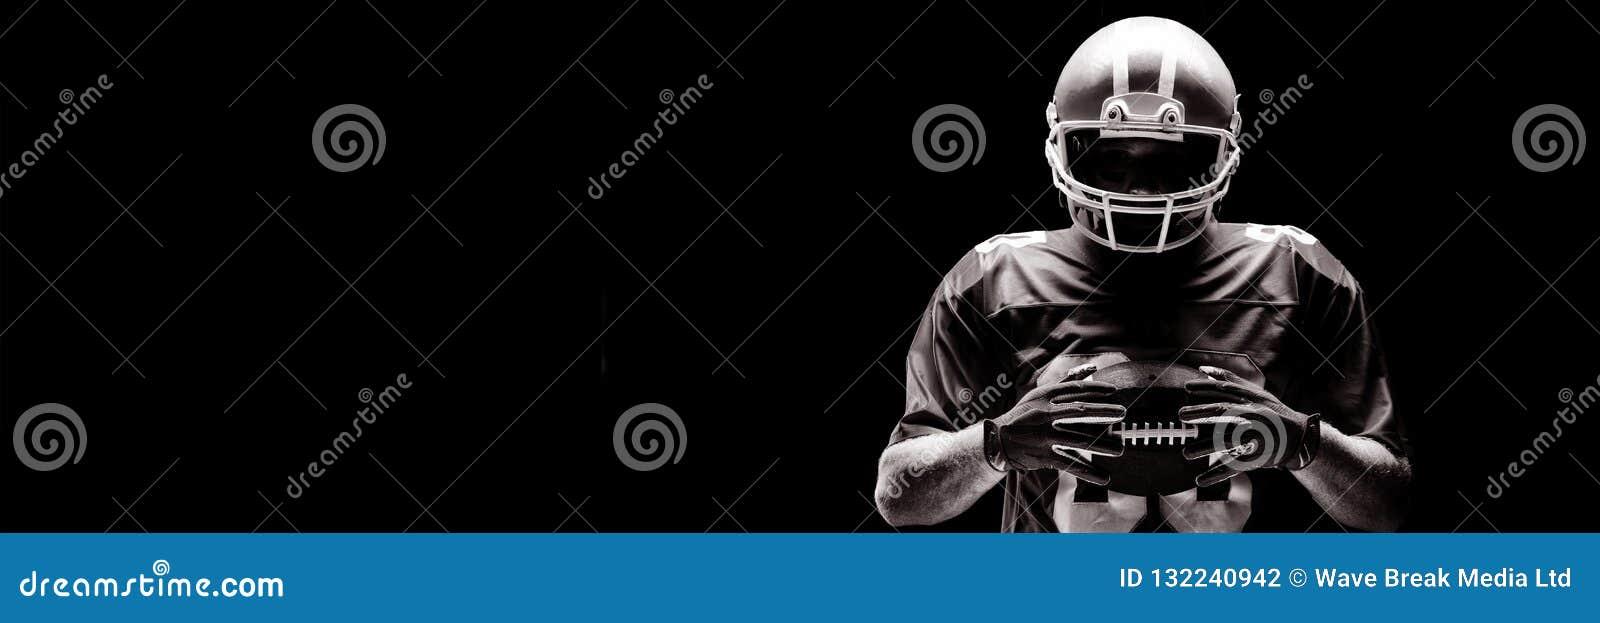 Condizione del giocatore di football americano con il casco e la palla di rugby